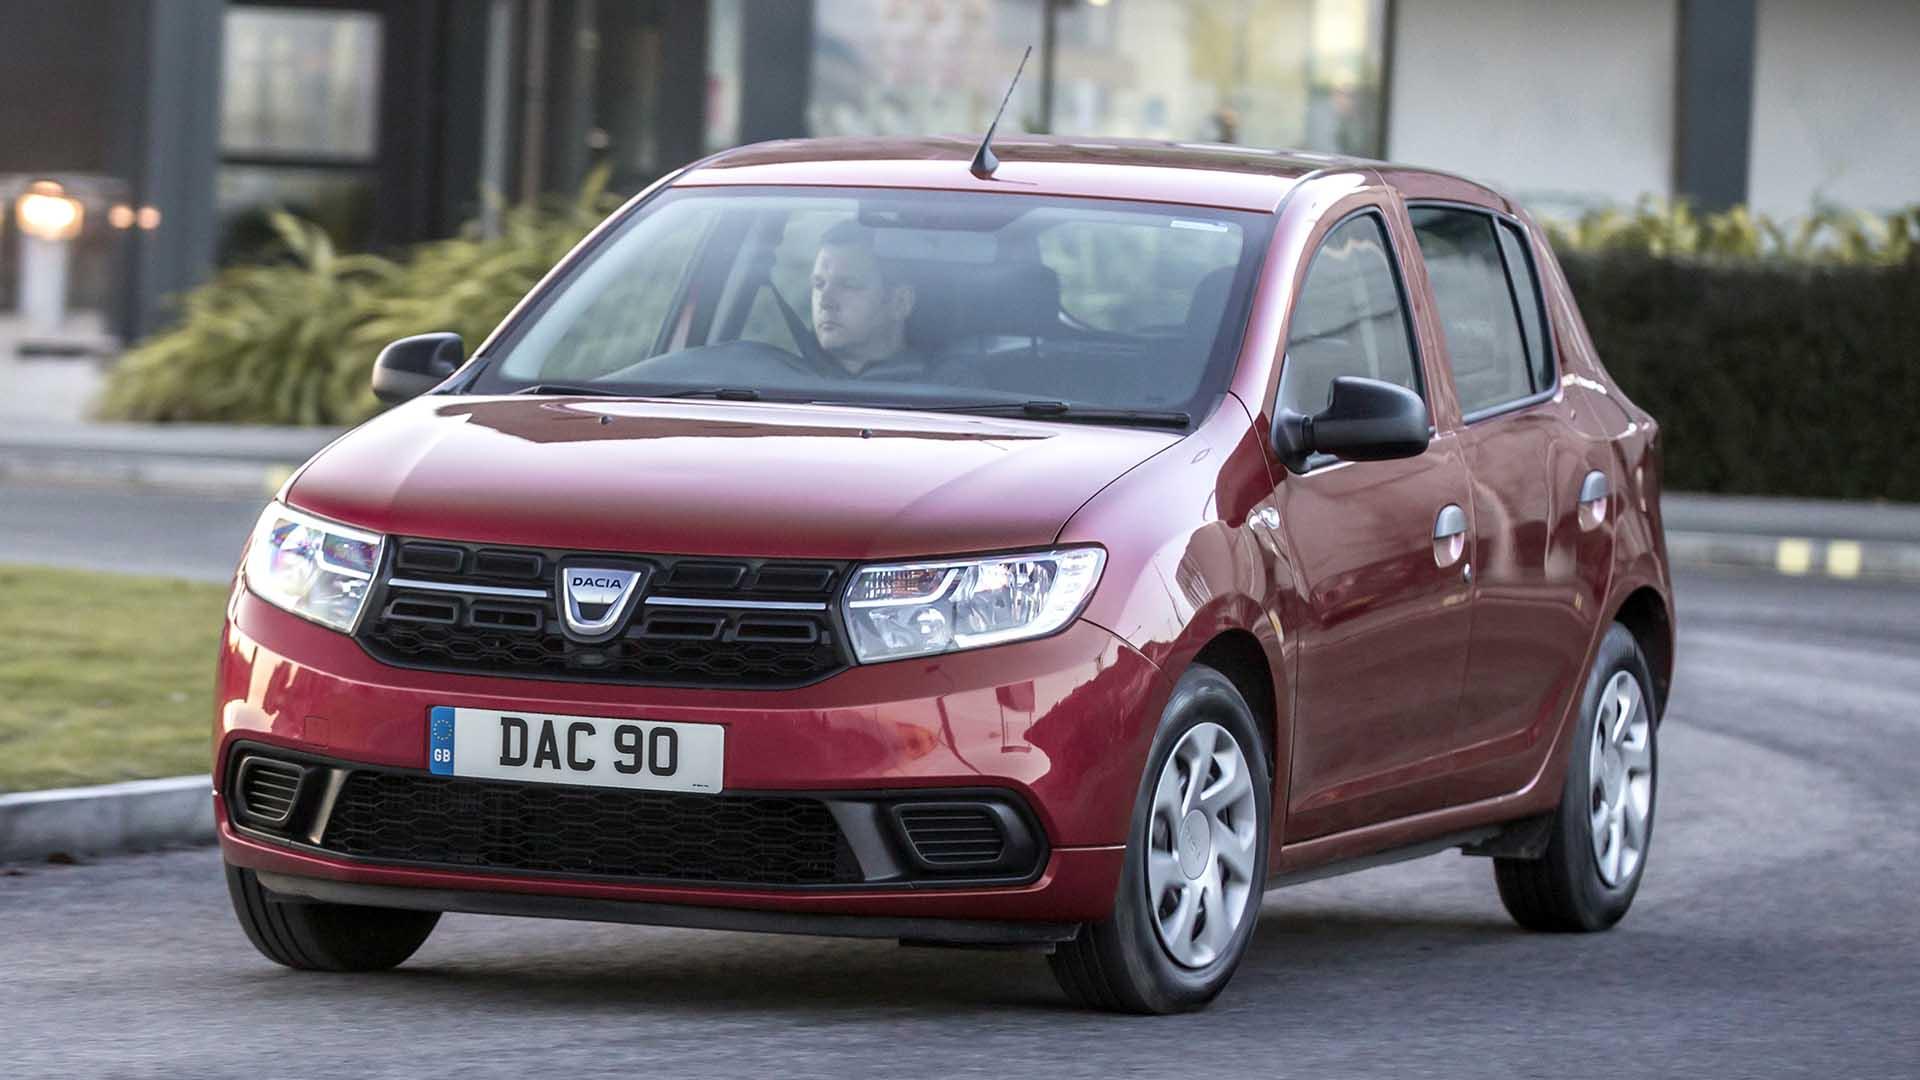 Dacia Sandero – from £6,995